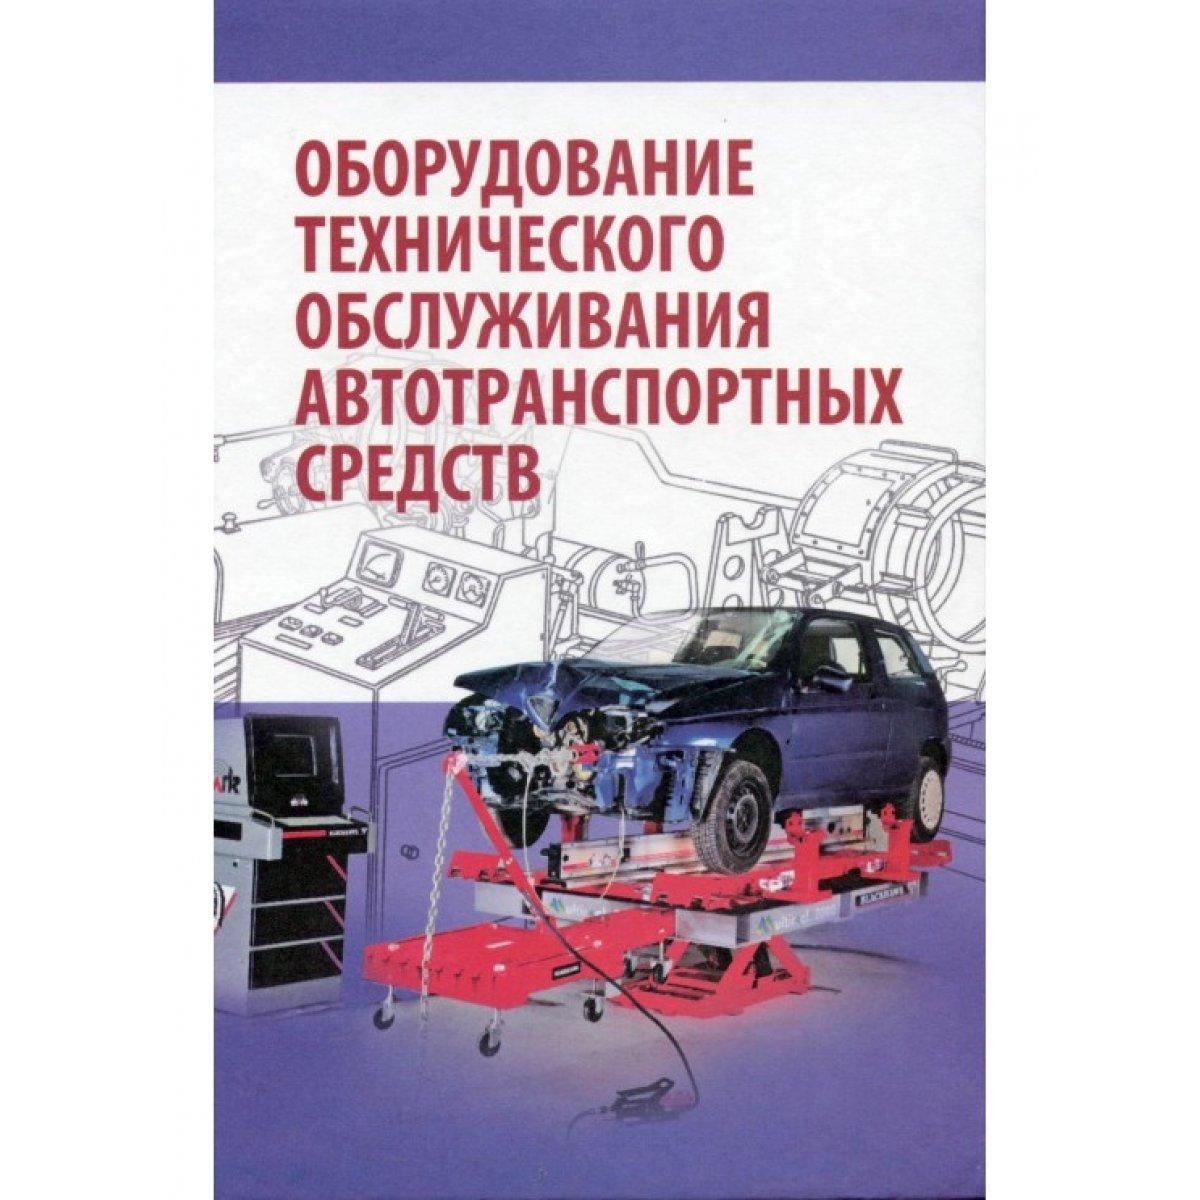 Справочник мест маркировки автотранспортных средств